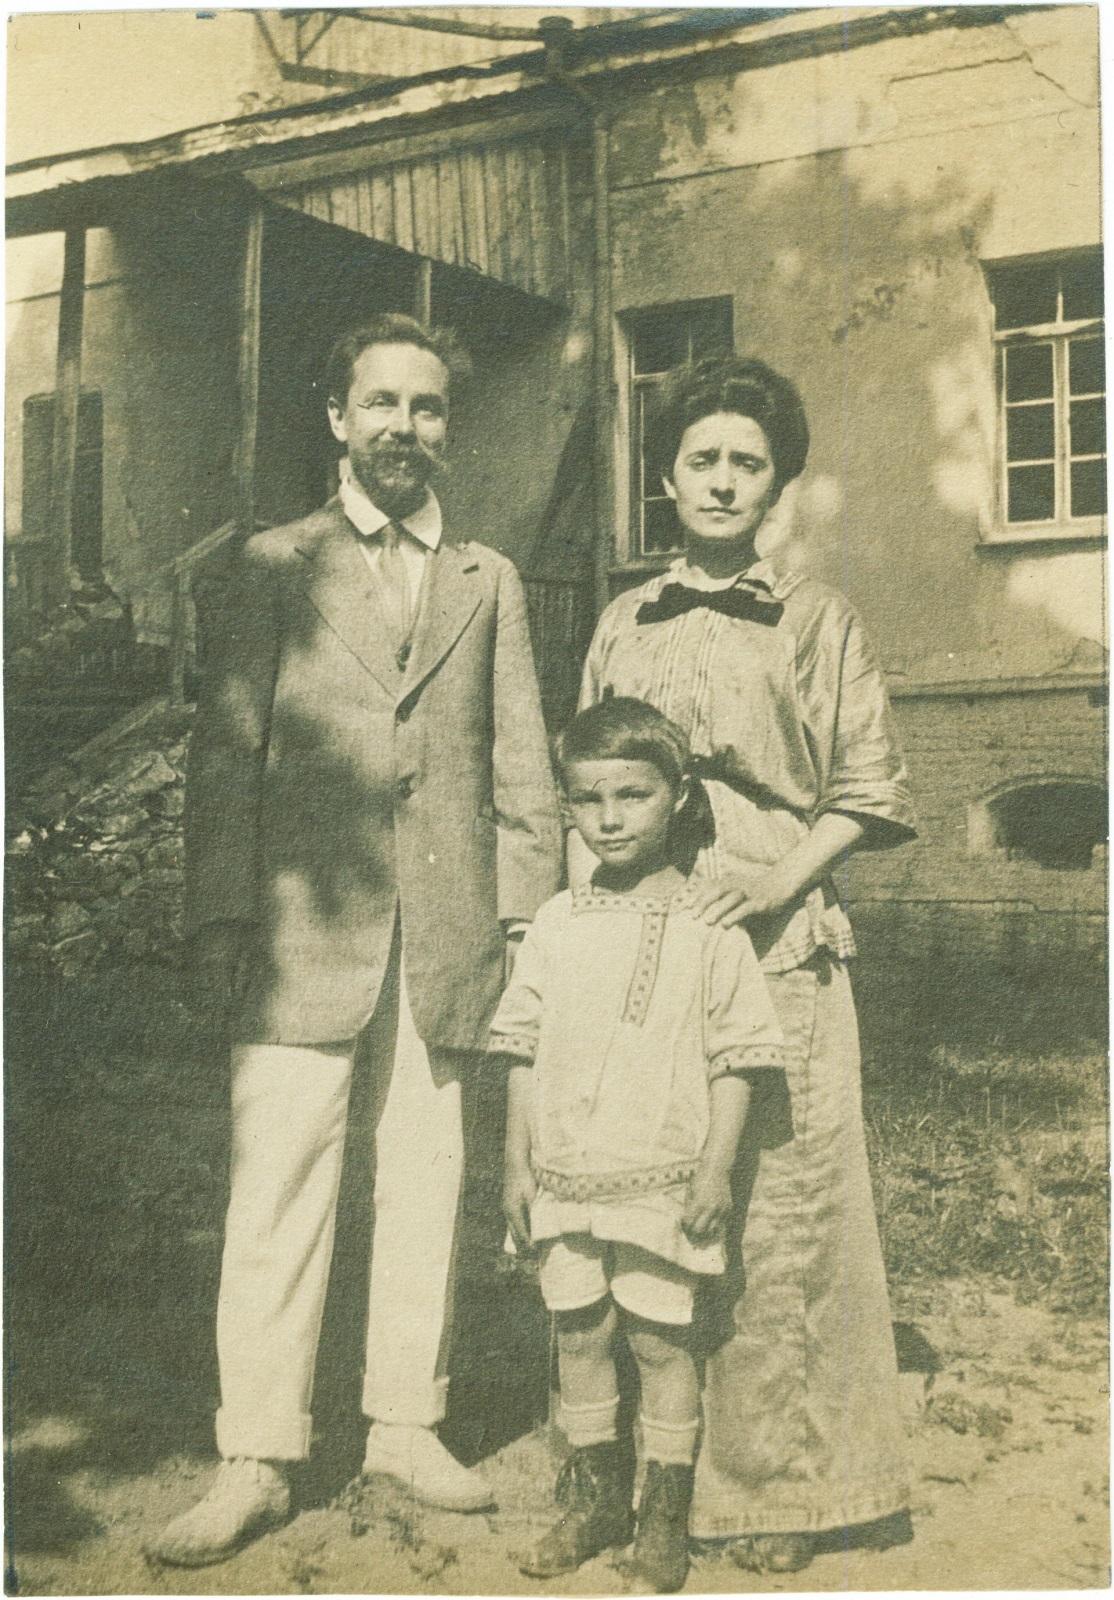 1913. А.Н. Скрябин, Т.Ф. Шлёцер-Скрябина и Юлиан Скрябин